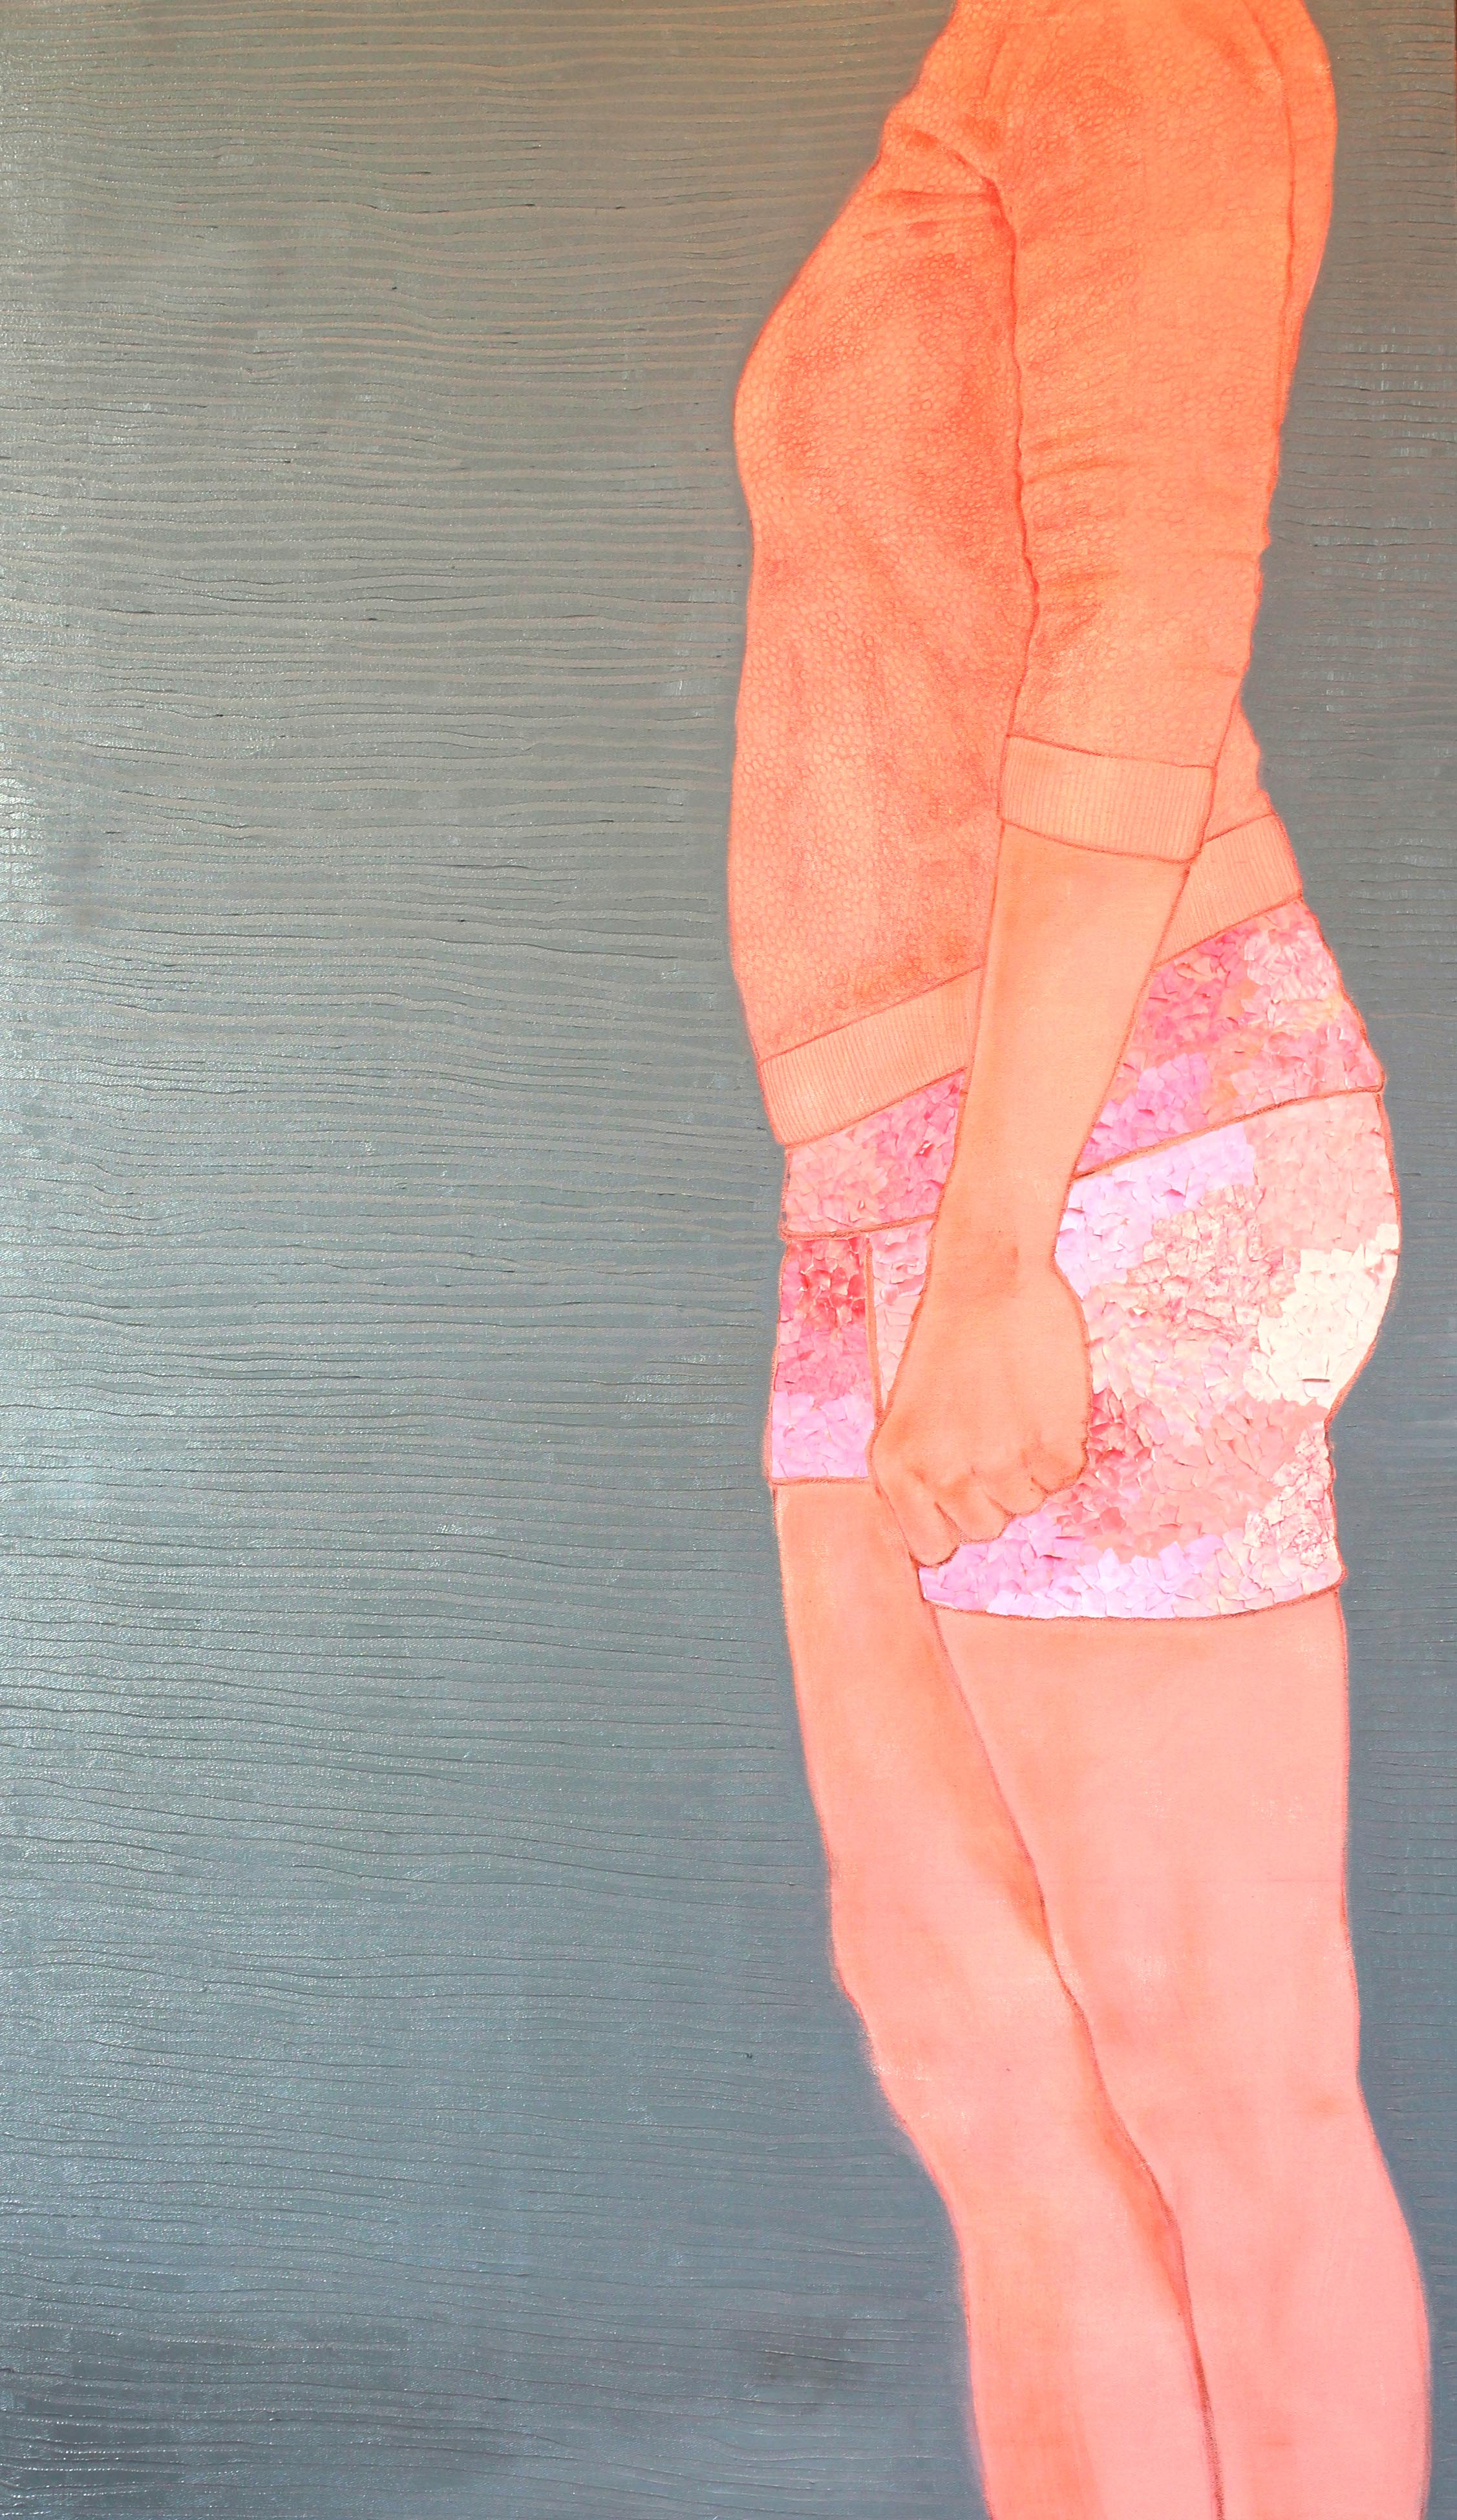 Senza titolo, |tecnica mista su tela, 70x120cm, 2014